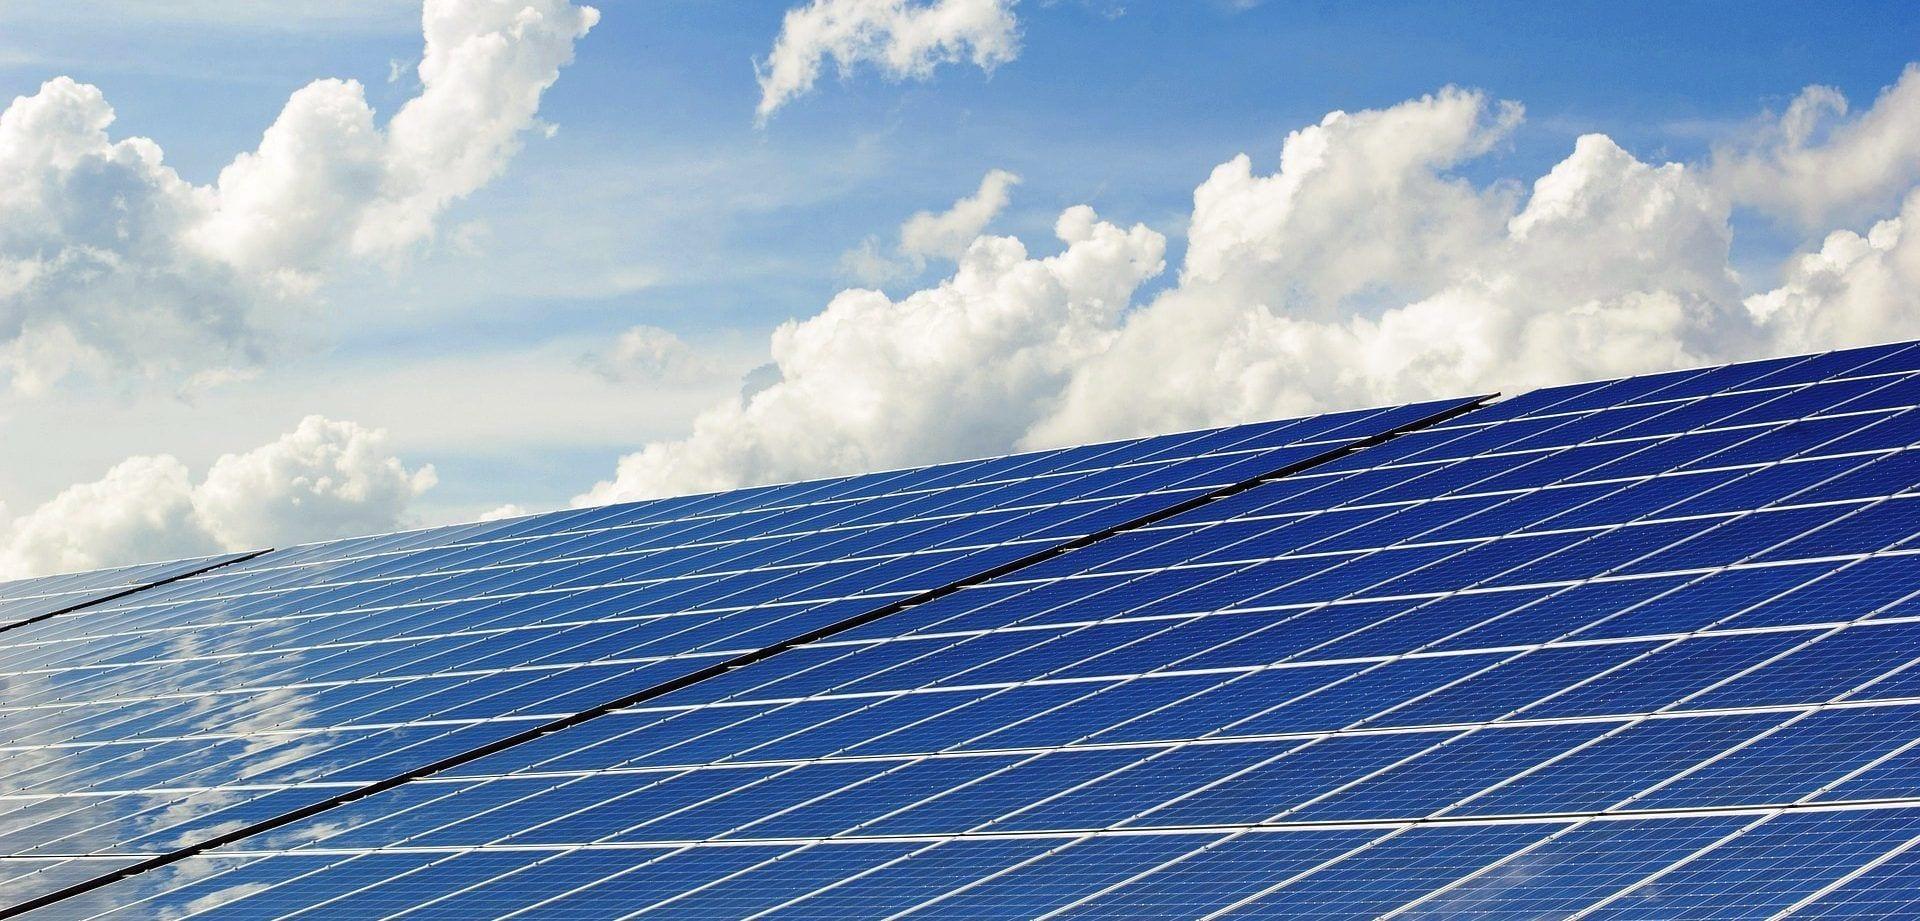 estaciones solares fotovoltaicas